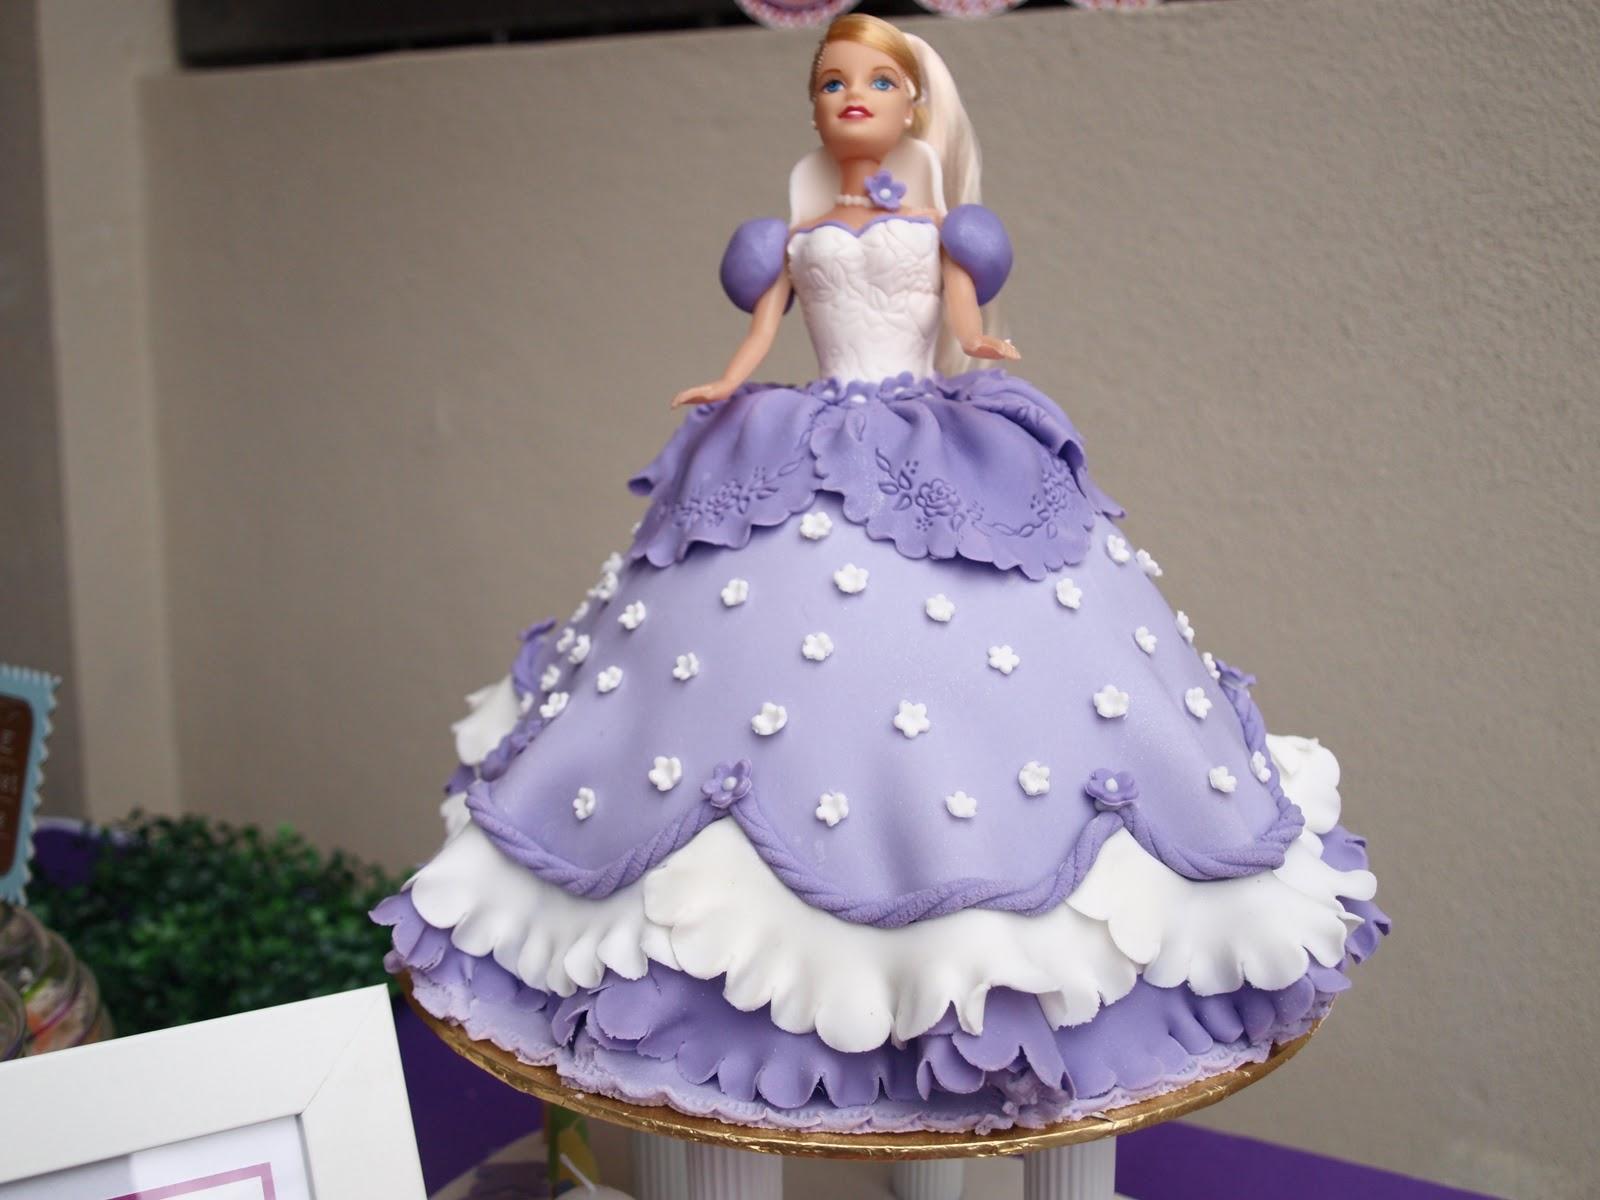 что лучше торты из мастики с куклами фото пятнадцать минут опоздания